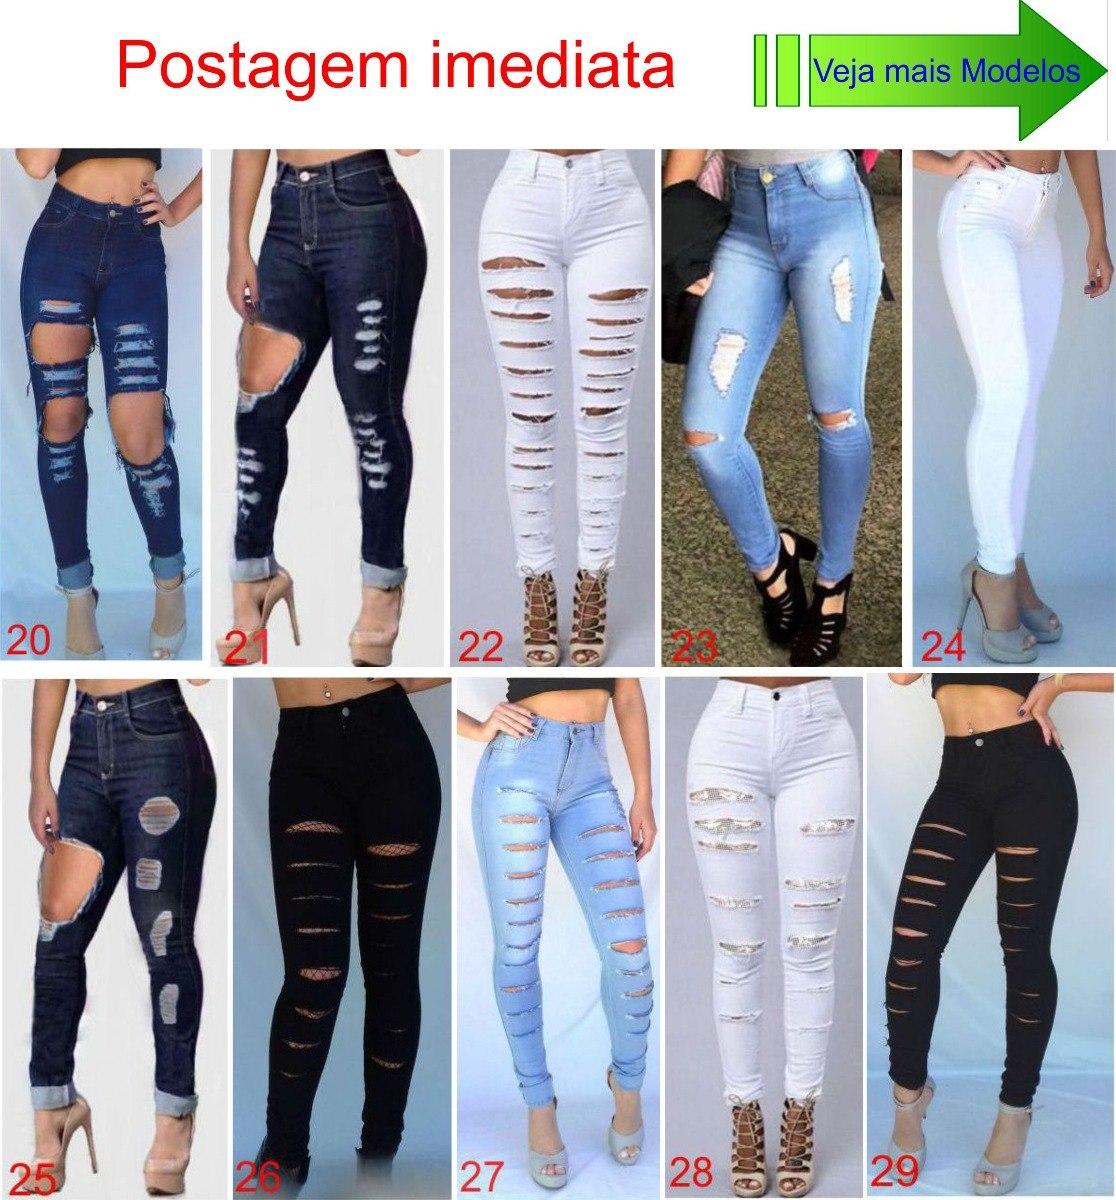 426d0eb27a roupas feminina calça jeans rasgada strech cintura alta dins. Carregando  zoom.